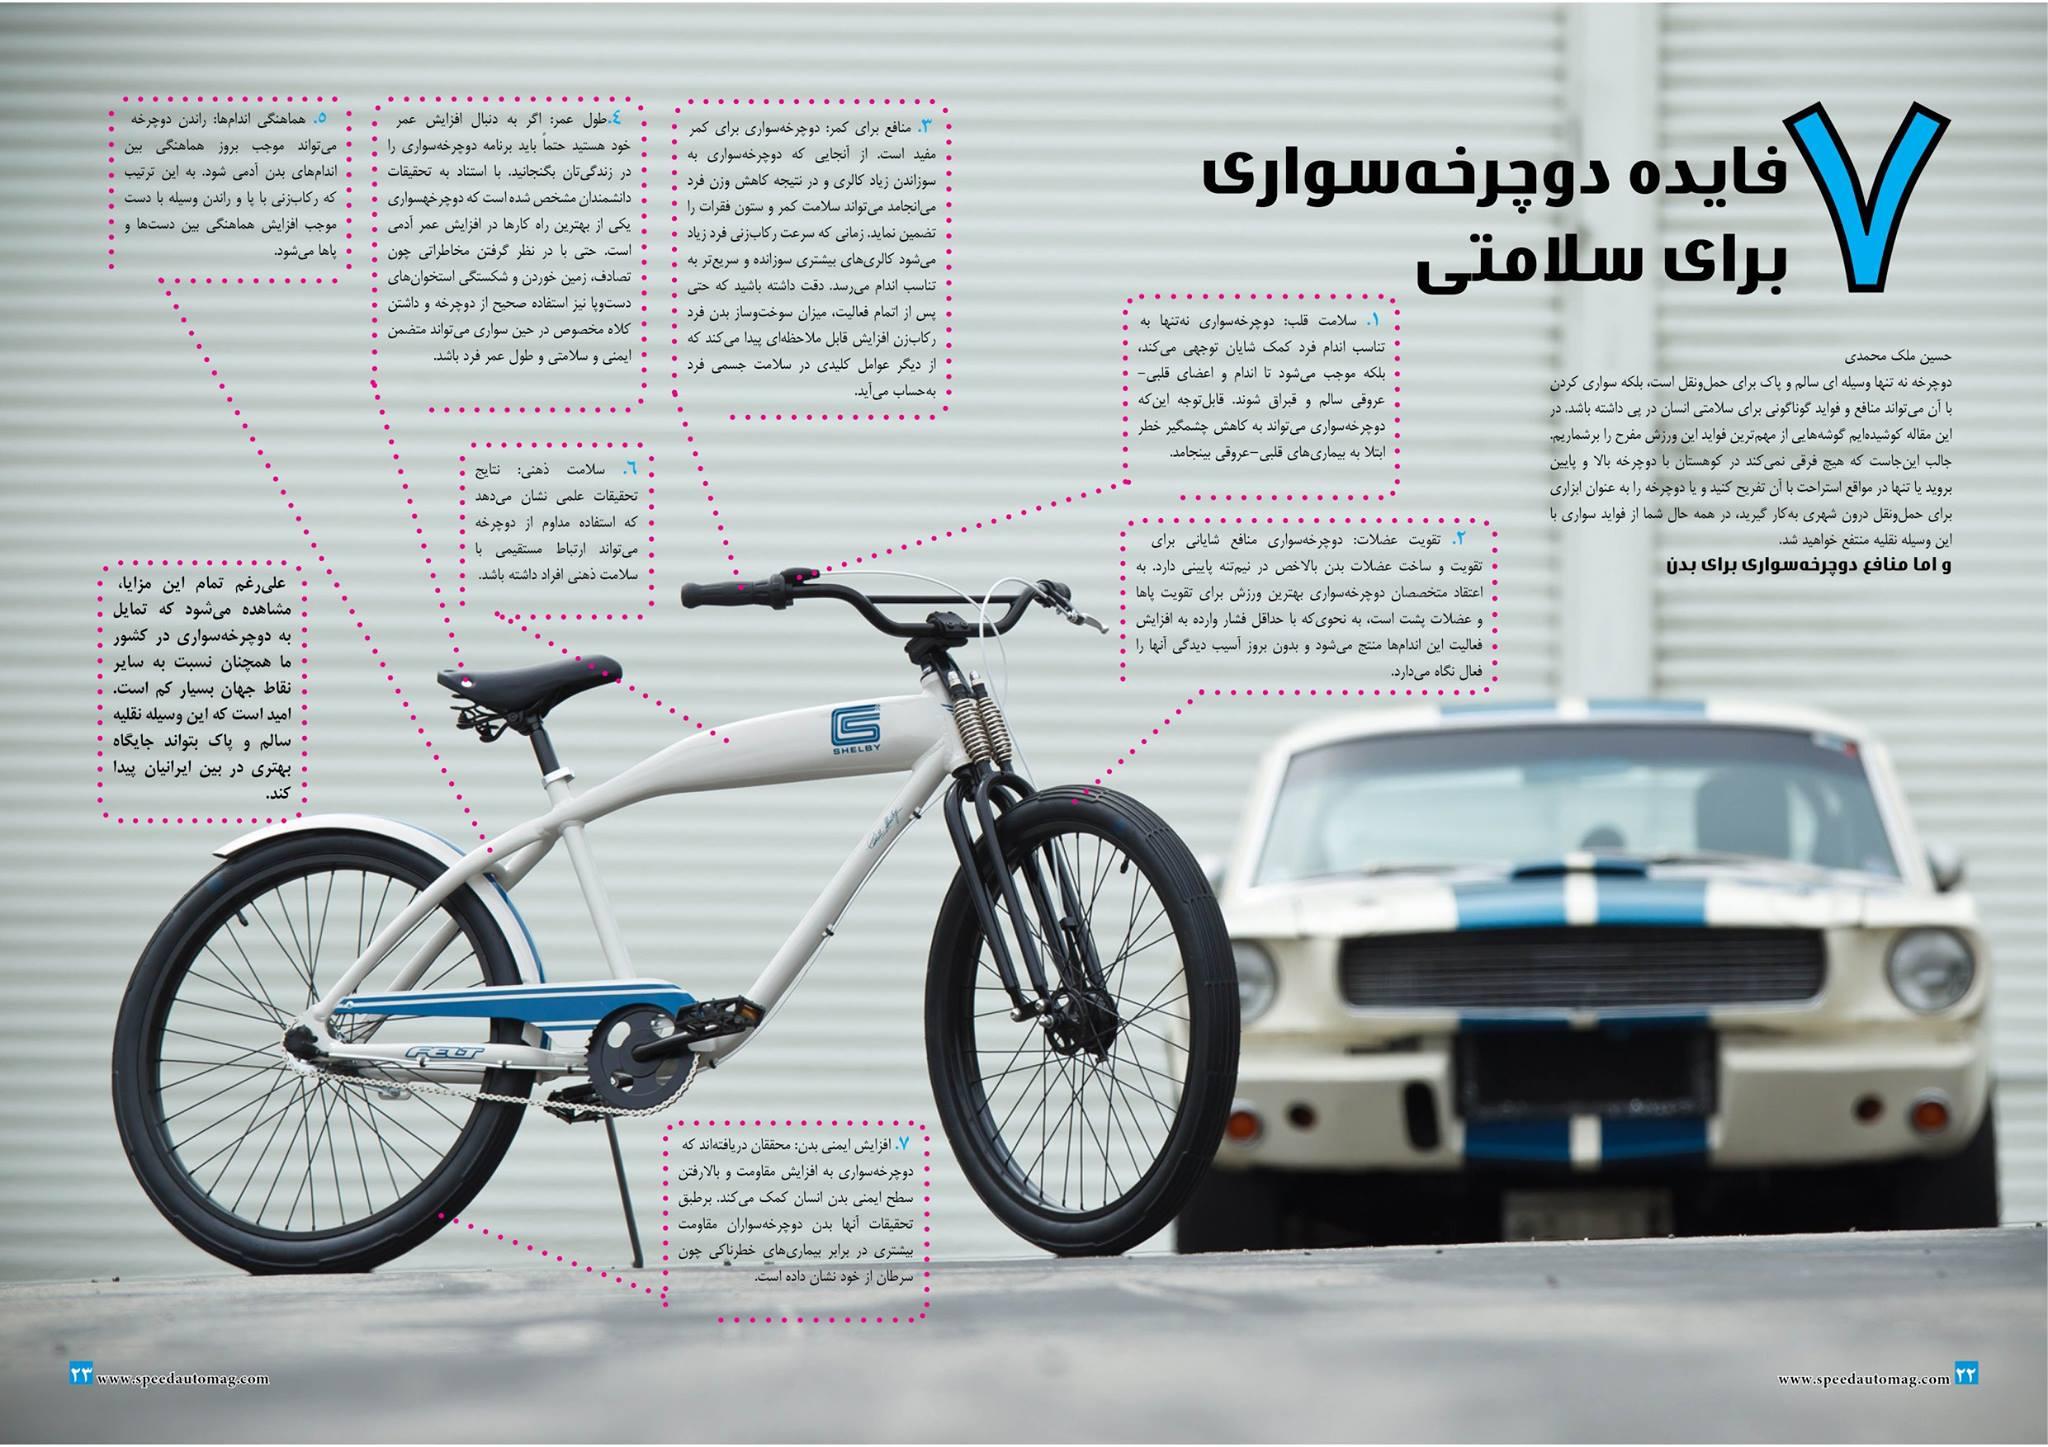 هفت فایده دوچرخه سواری برای سلامتی بدن | دوچرخه سواری چه فوایدی دارد؟ | آیا دوچرخه سواری فایده ای دارد؟ | دوچرخه سواری و مصرف کالری | سلامتی بیشتر با دوچرخه سواری